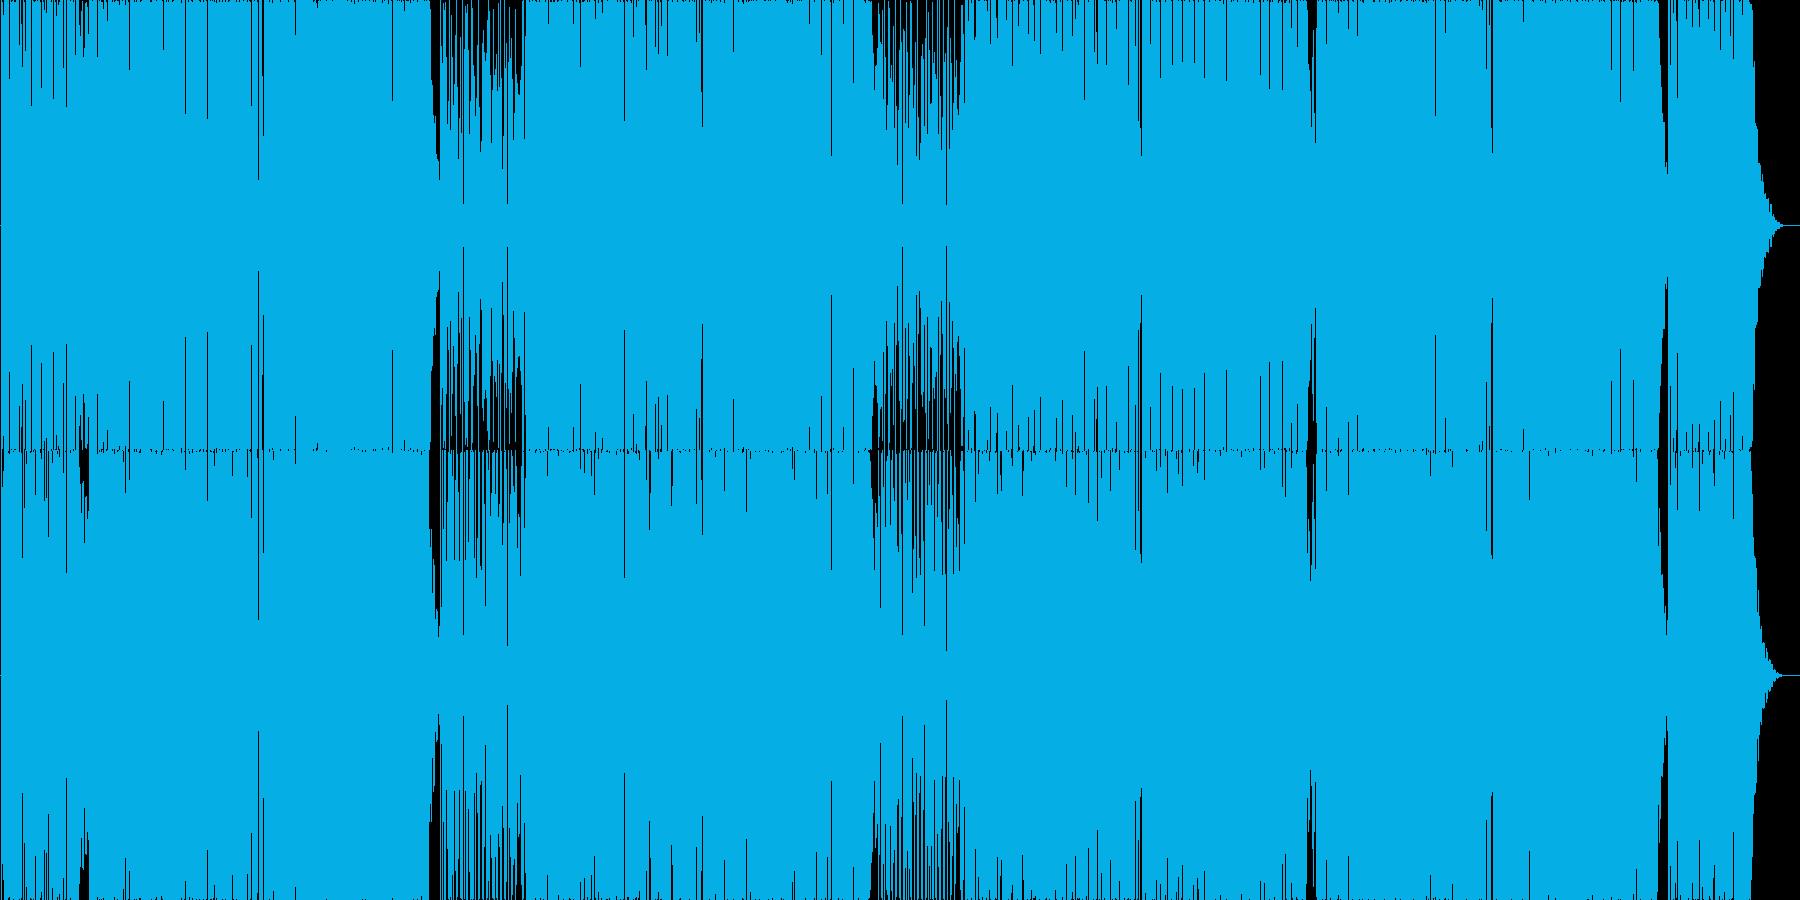 ポップでオシャレなボサノバの再生済みの波形